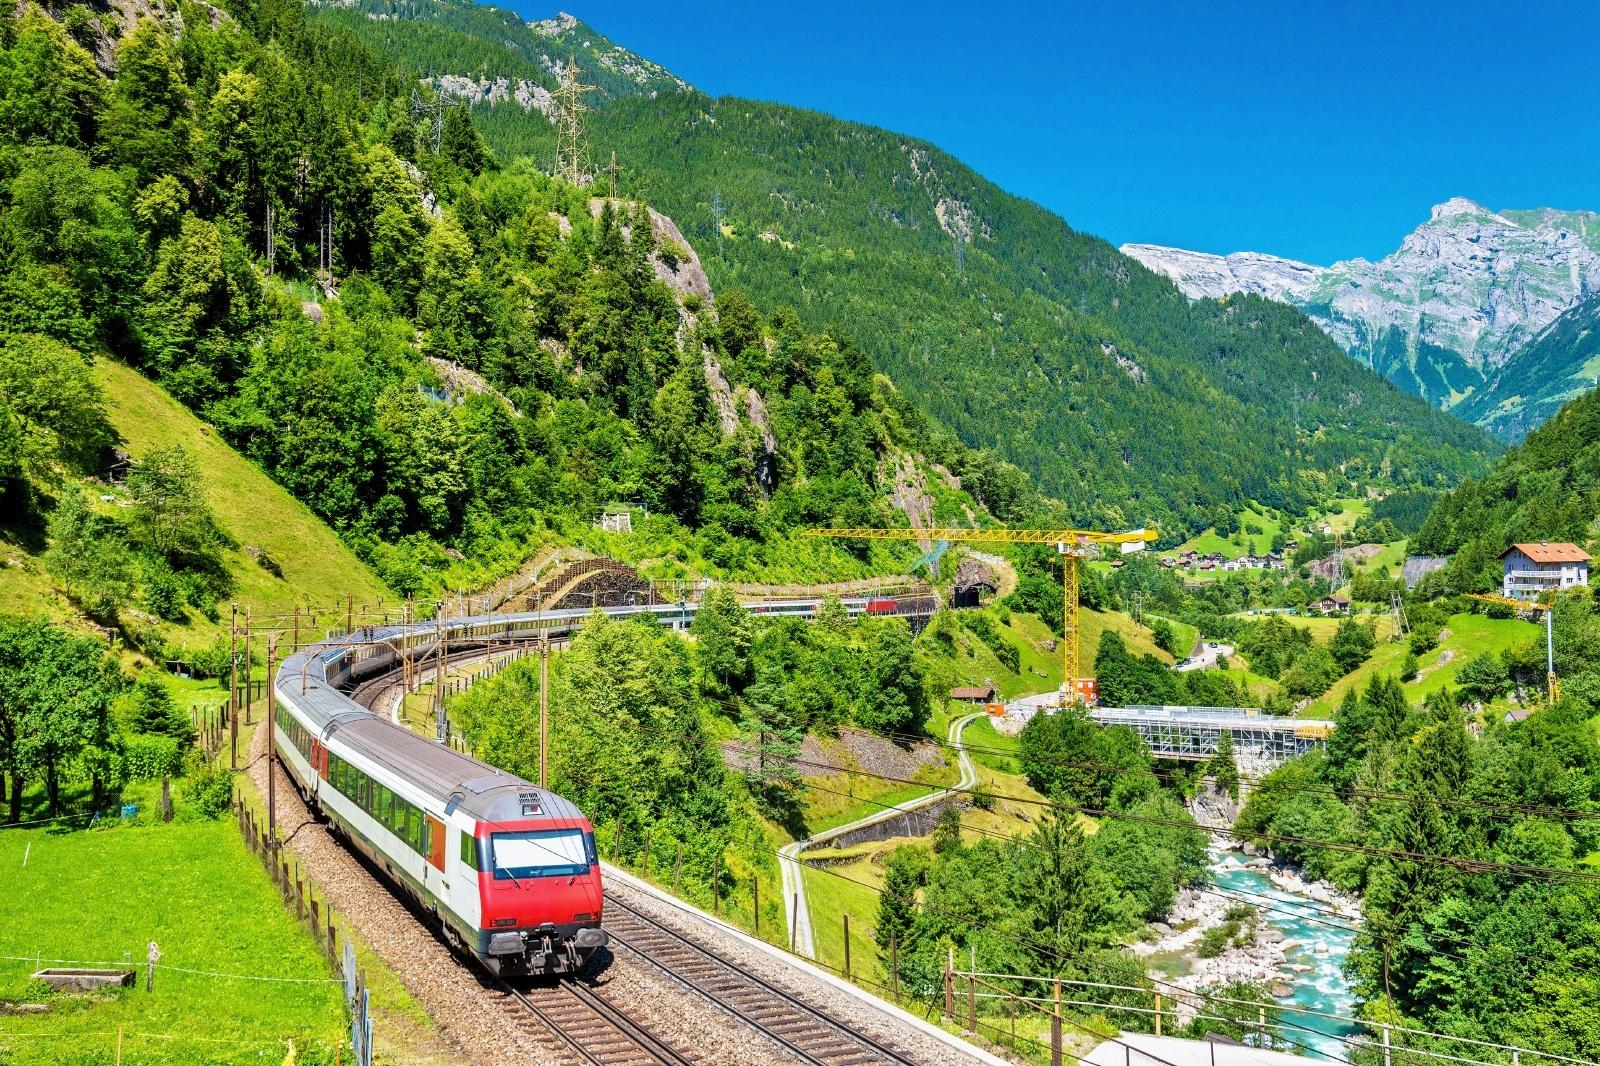 ゴッタルド線 スイスの鉄道風景